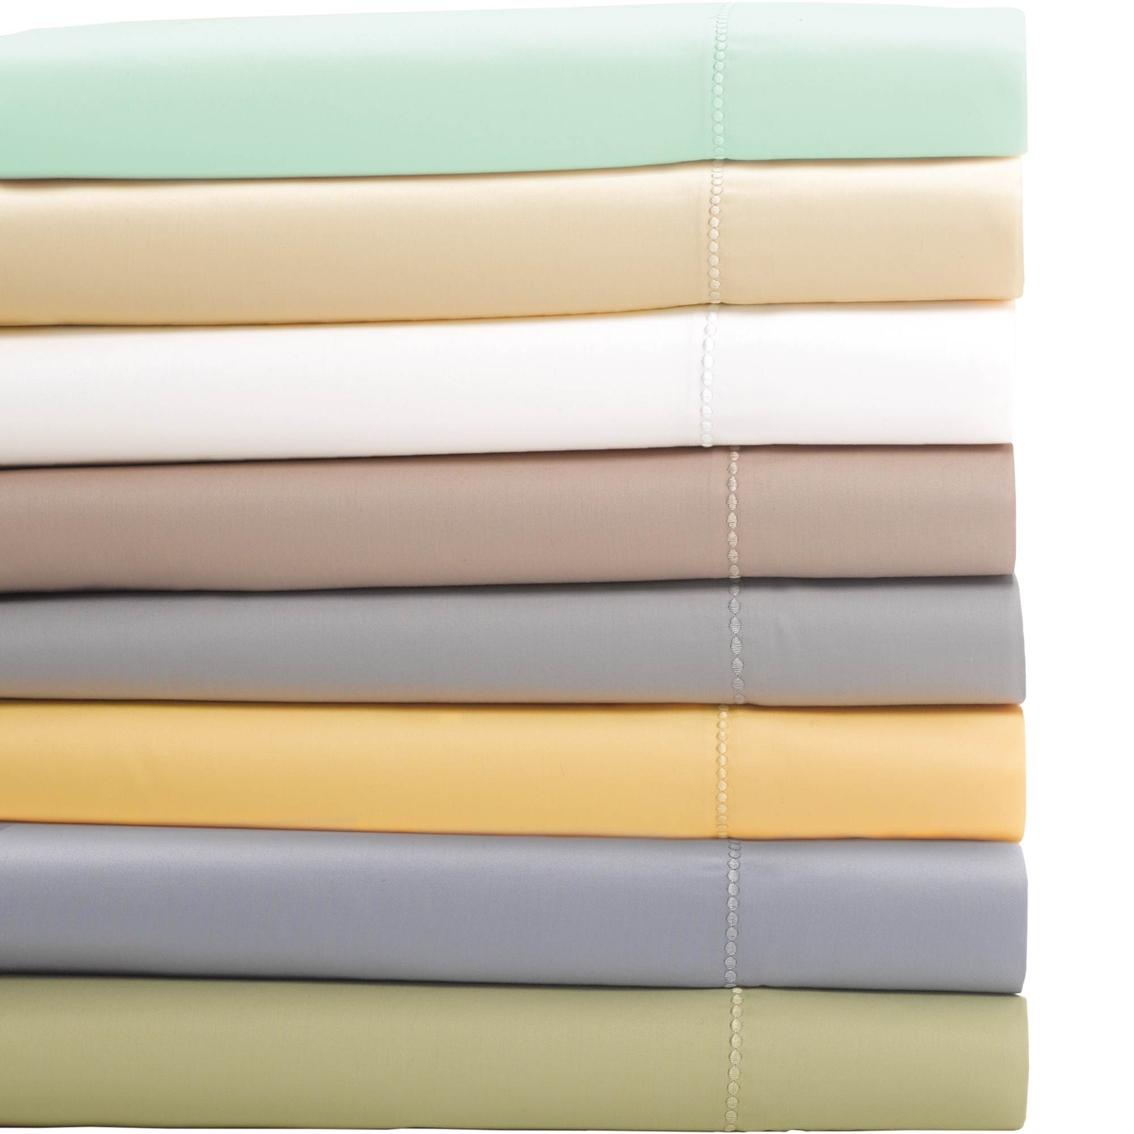 Martha Stewart Collection 300 Thread Count Cotton Sheet Set